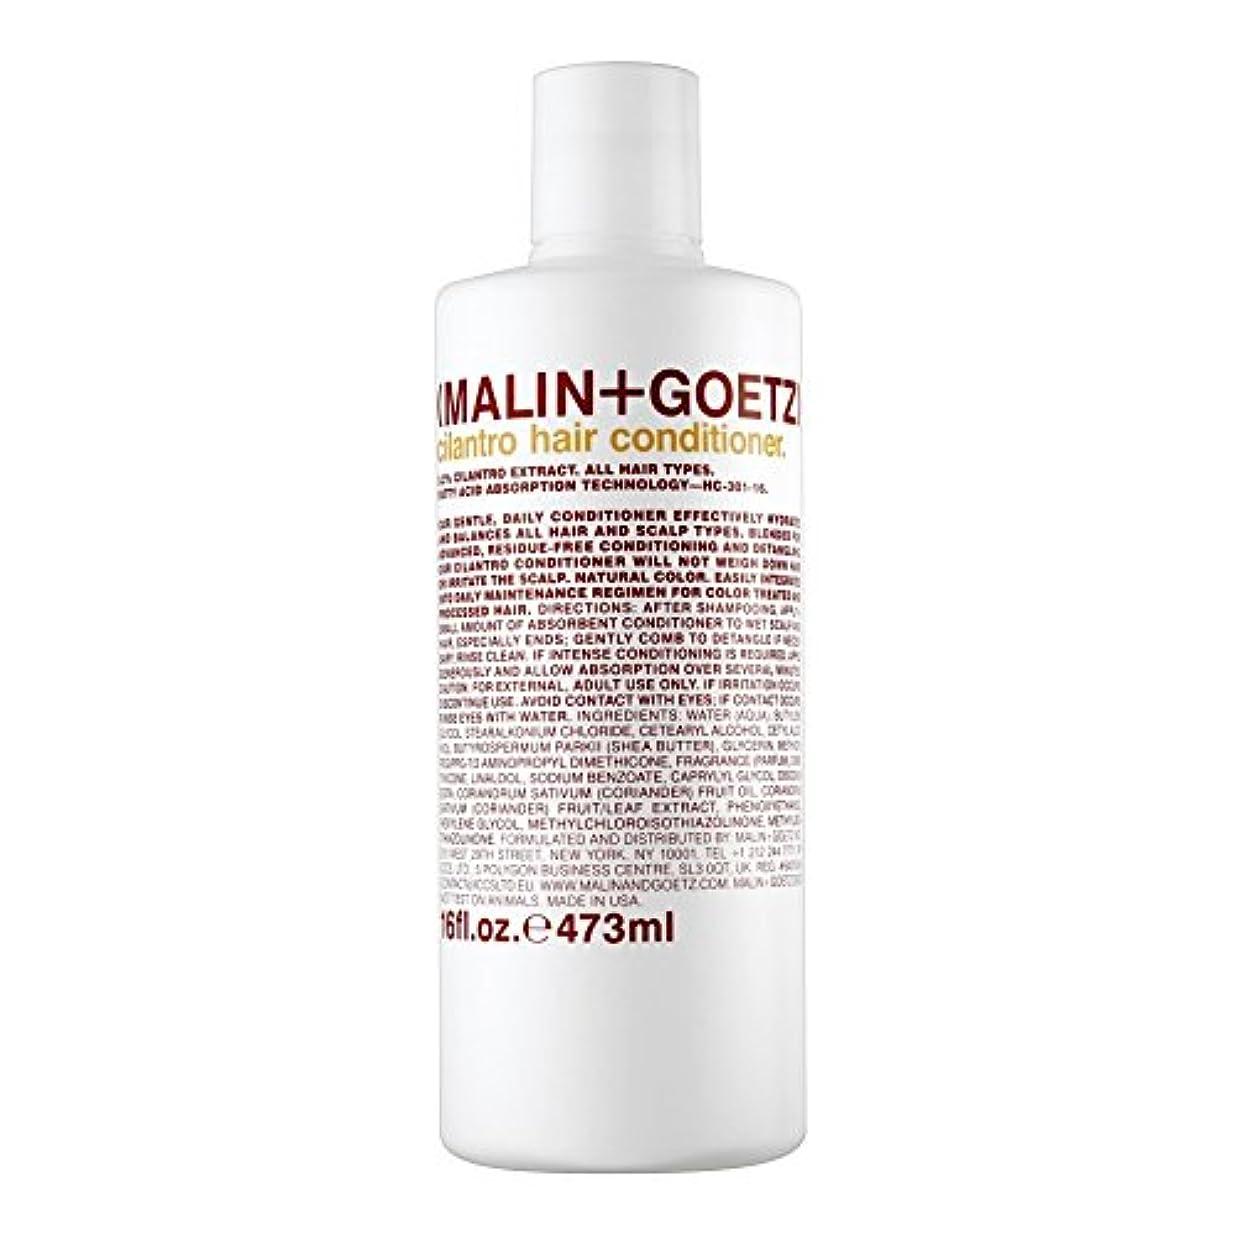 アジアメアリアンジョーンズ憂慮すべきMALIN+GOETZ Cilantro Hair Conditioner 473ml - マリン+ゲッツコリアンダーのヘアコンディショナー473ミリリットル [並行輸入品]